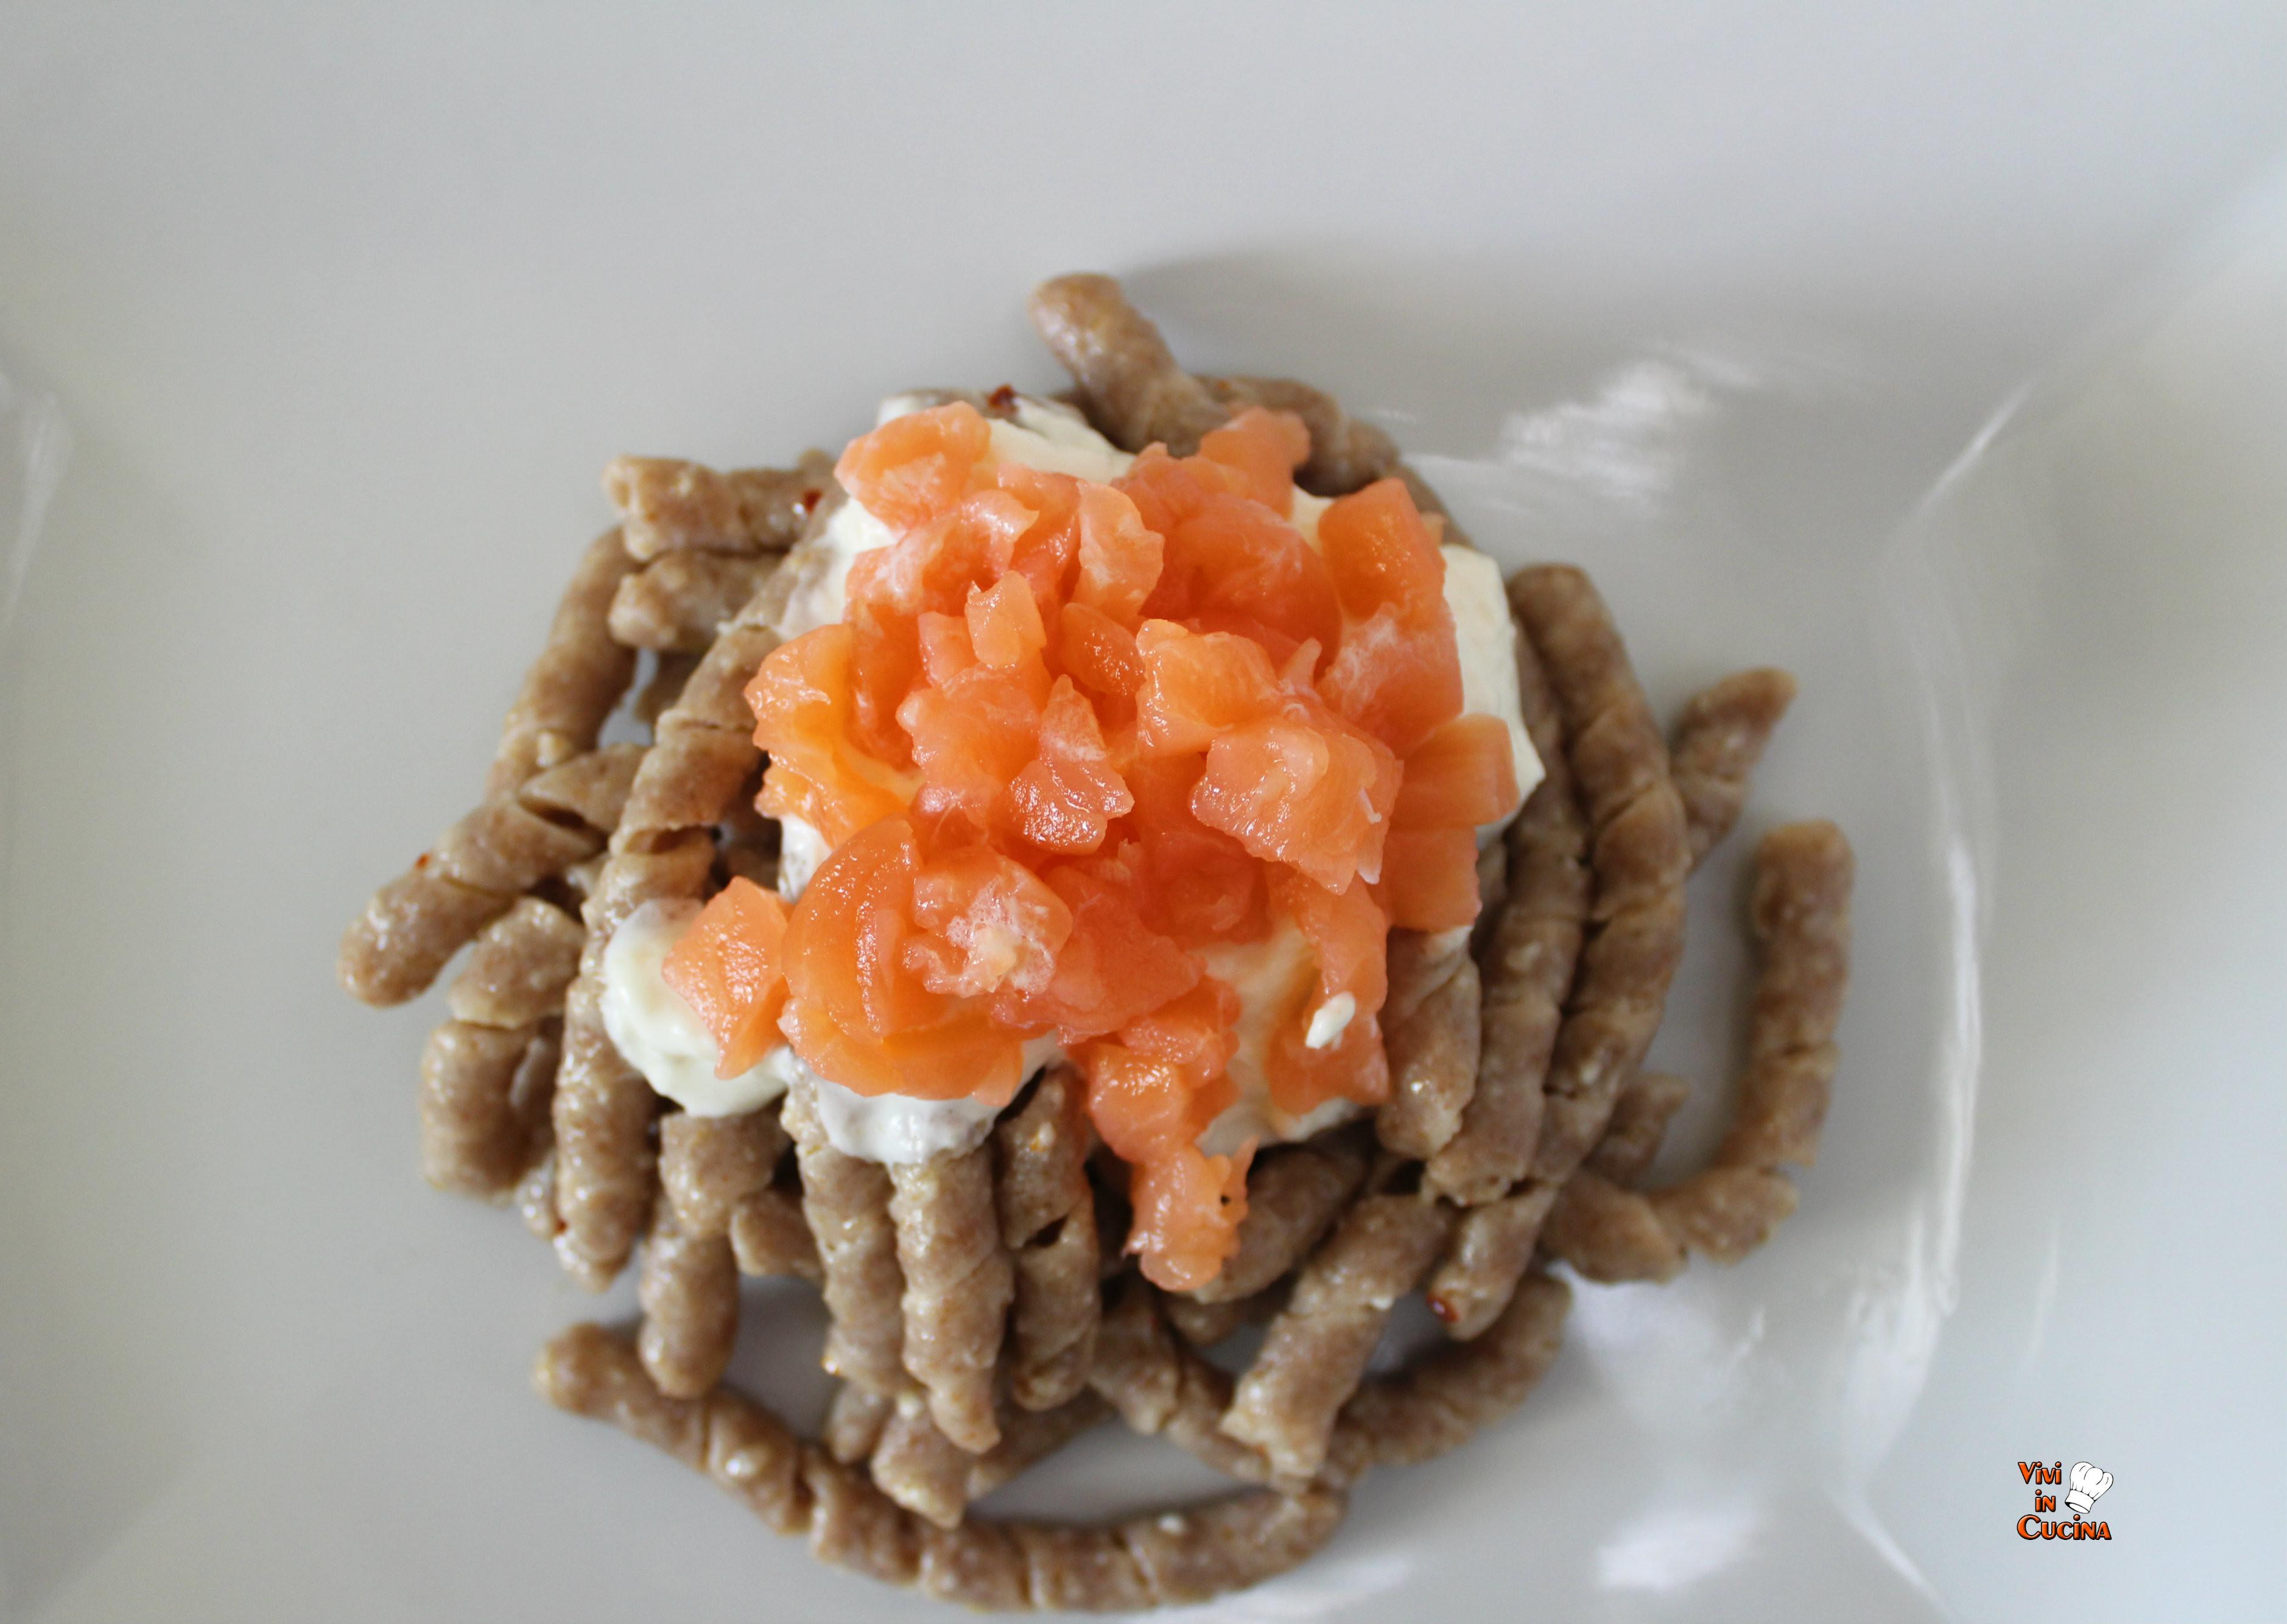 busiate aglio olio e peperoncino